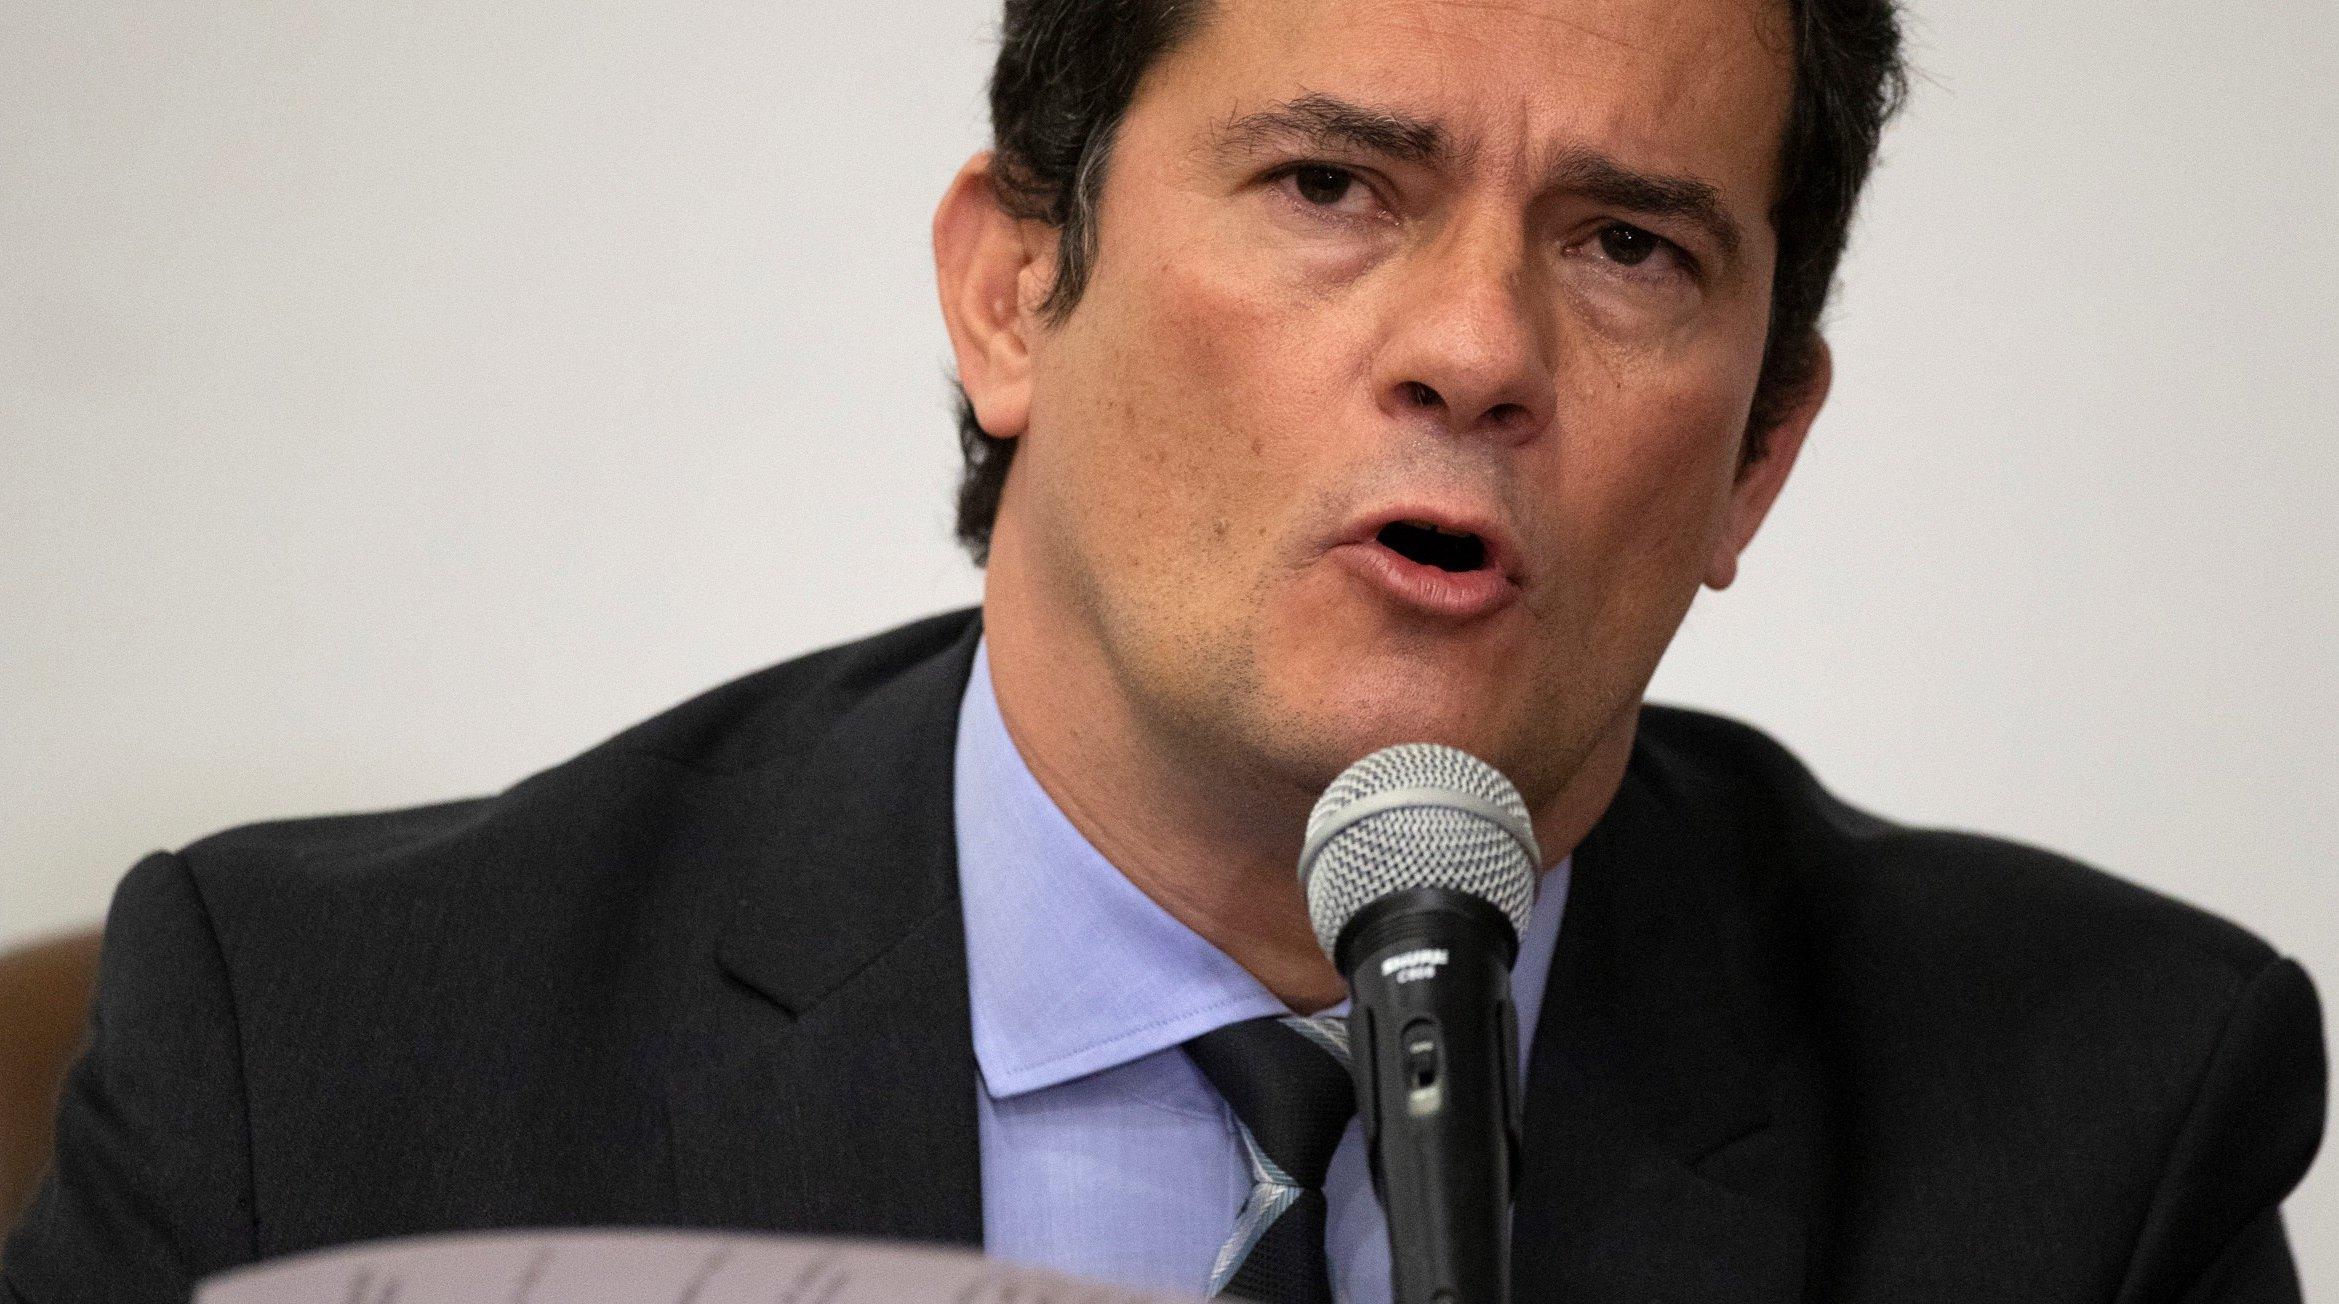 Dimite el ministro de Justicia de Bolsonaro por «interferencias politicas» en la lucha contra la corrupción